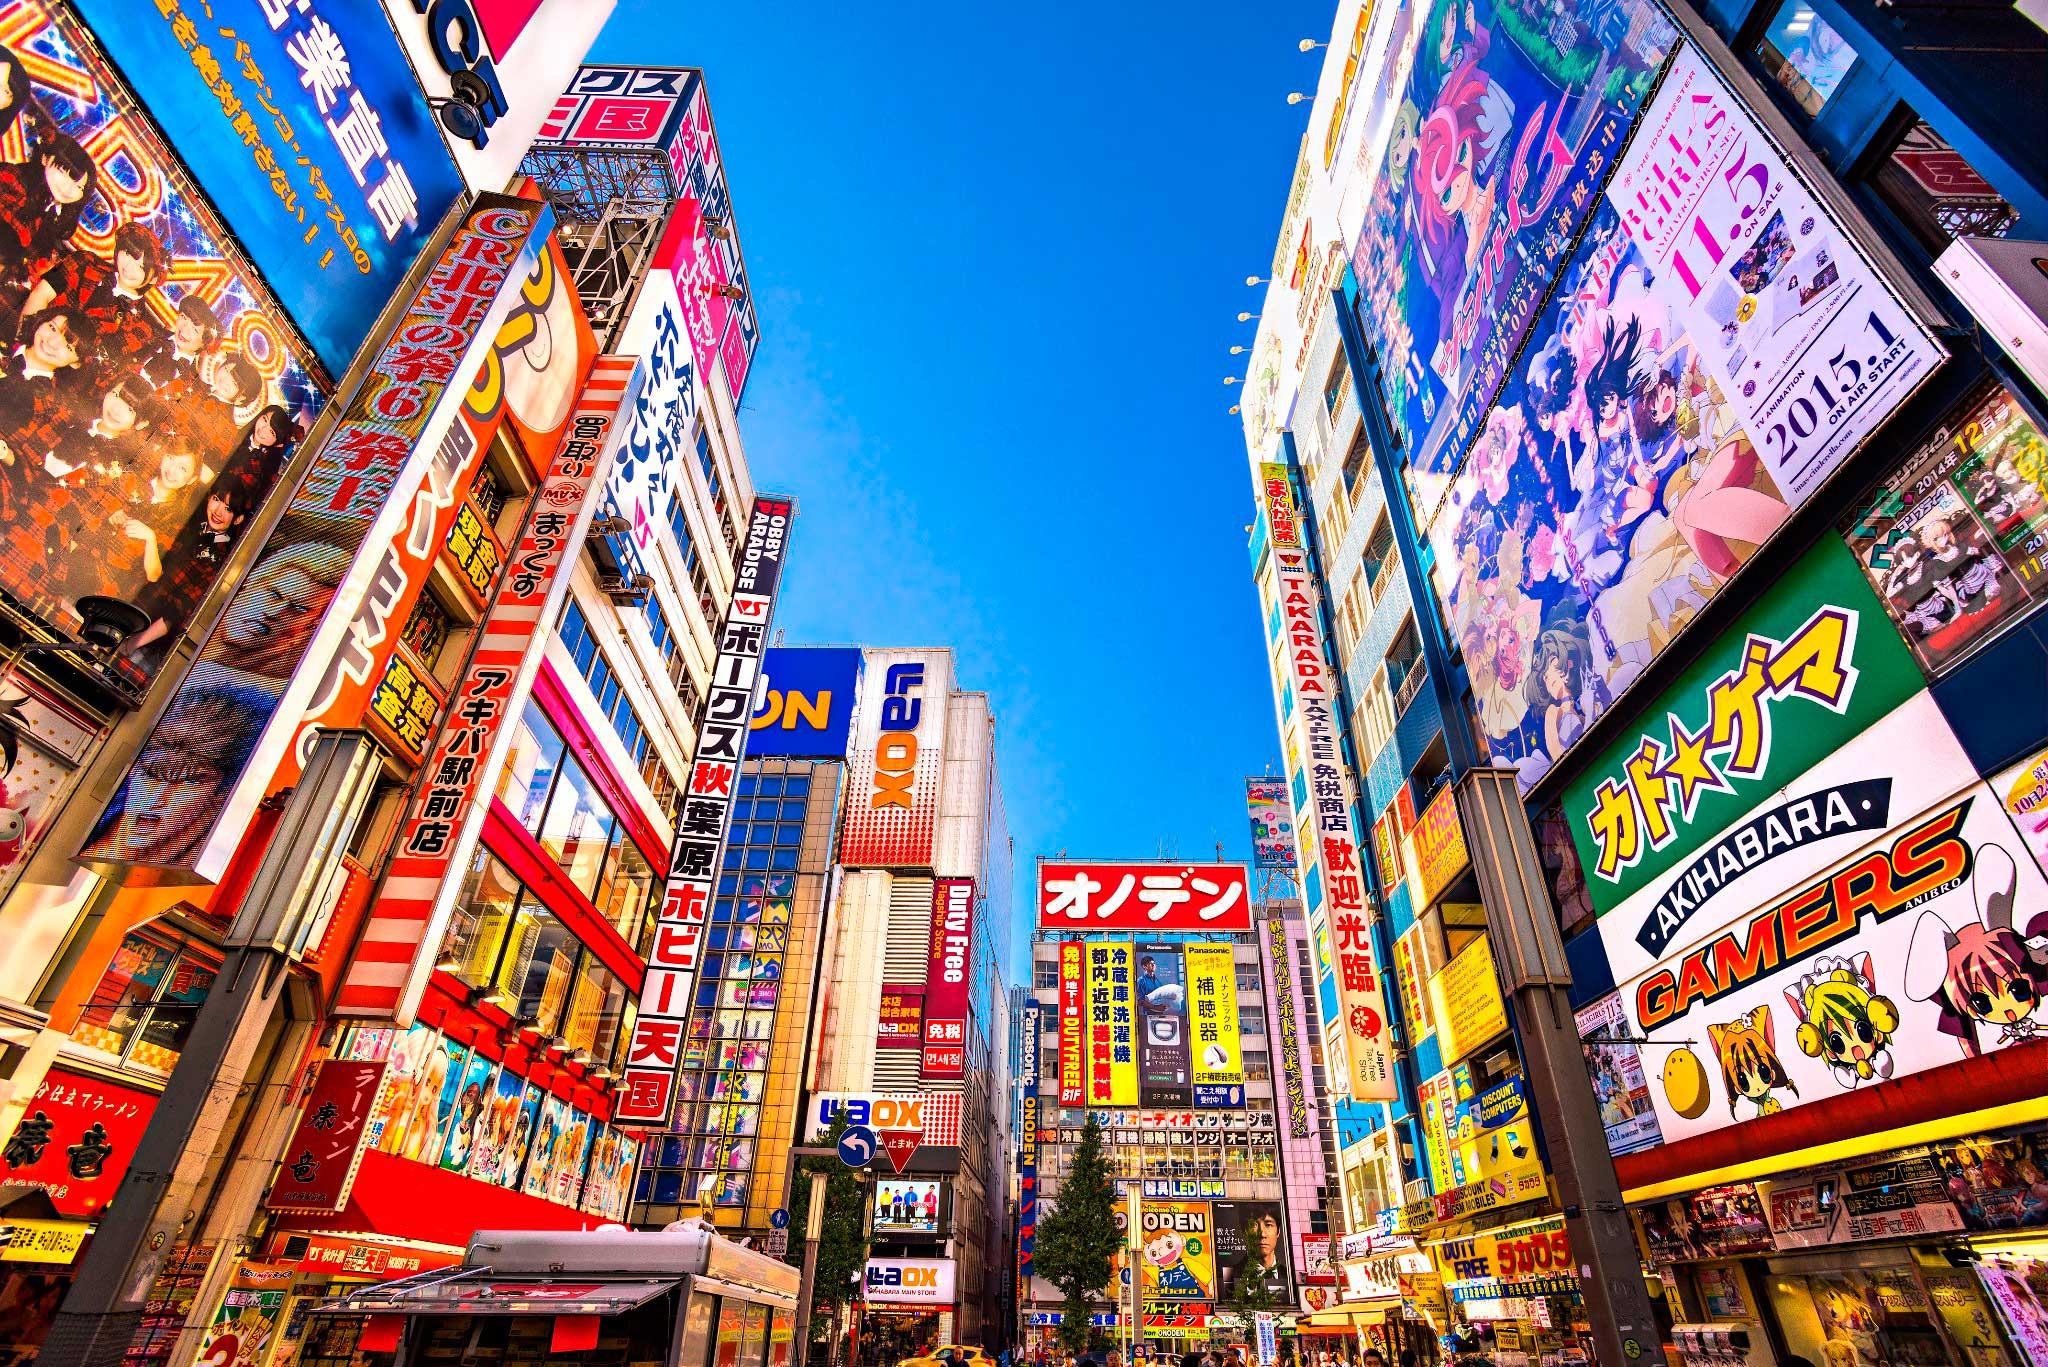 Tóquio/ Crédito foto: https://www.ci.com.br/guia-mundo/paises/japao/cidades/toquio